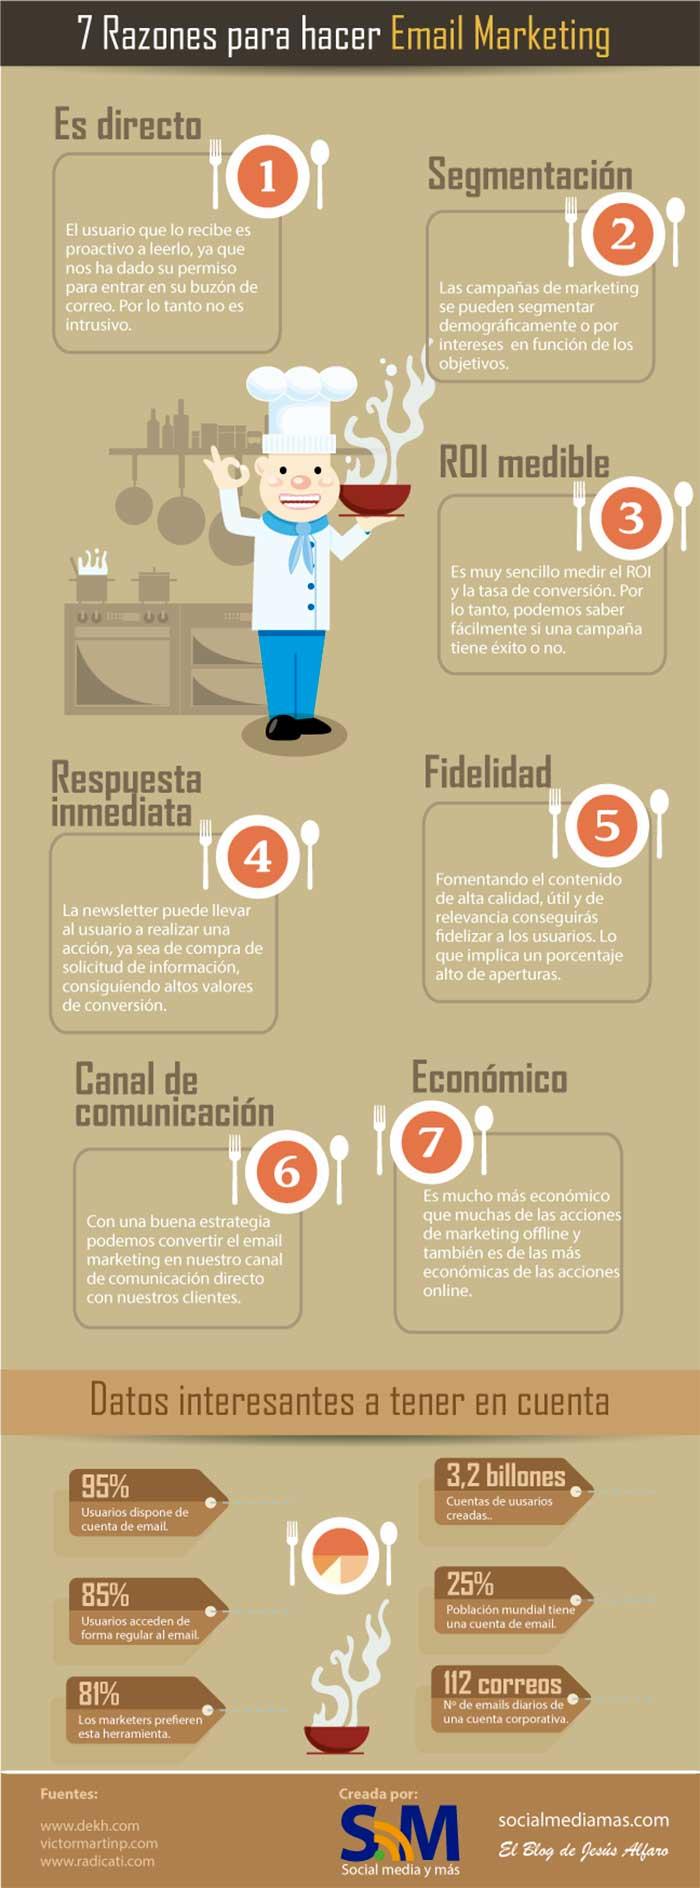 Infografia sobre las 7 razones para hacer Email Marketing